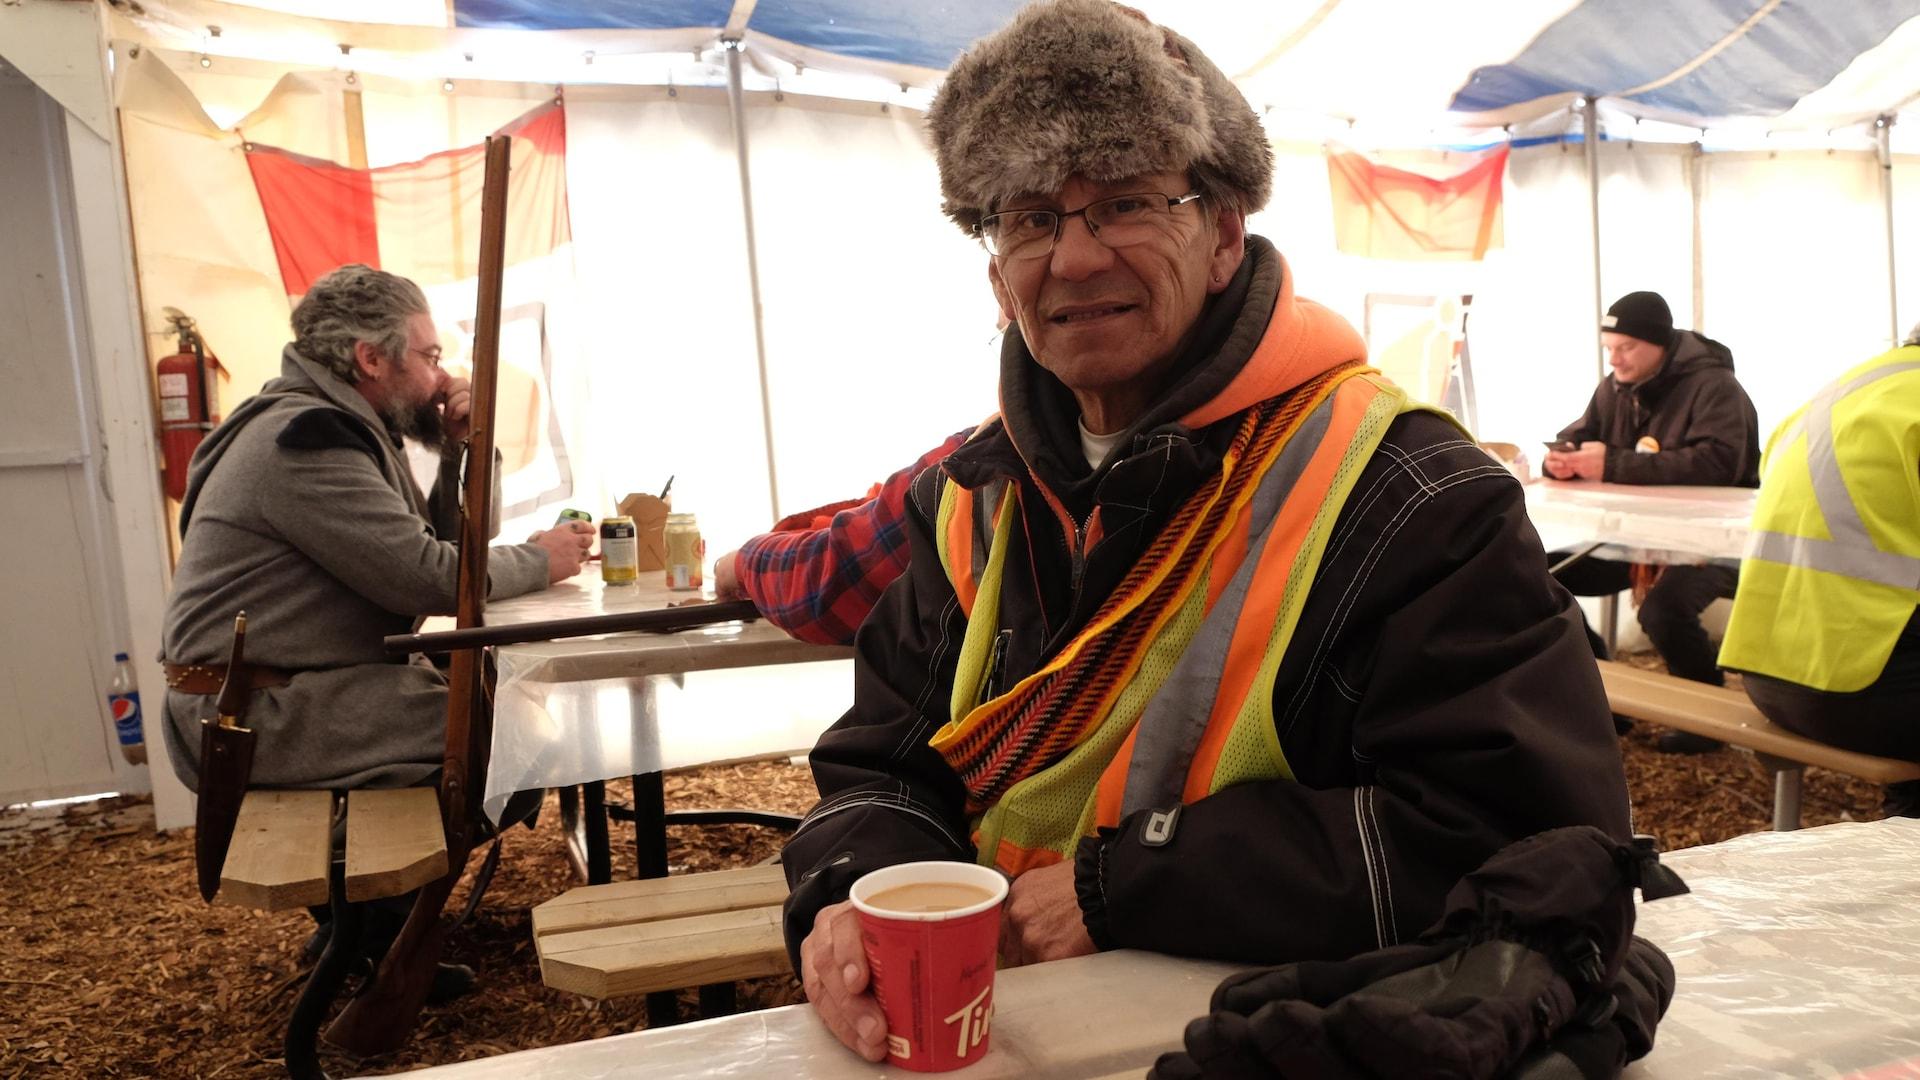 Un homme en veste de sécurité boit un café.